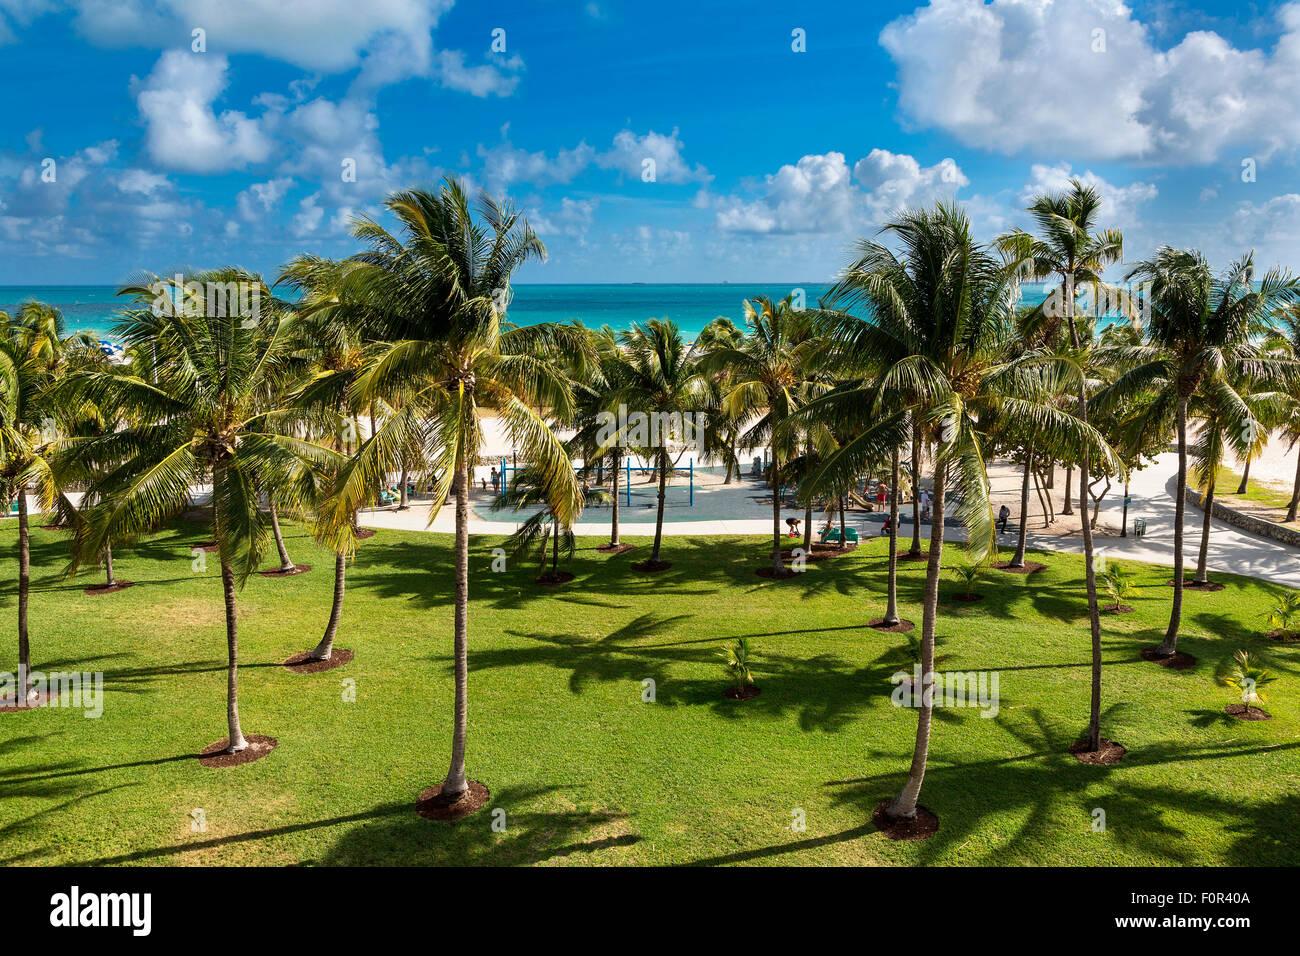 Miami, Lummus Park Photo Stock